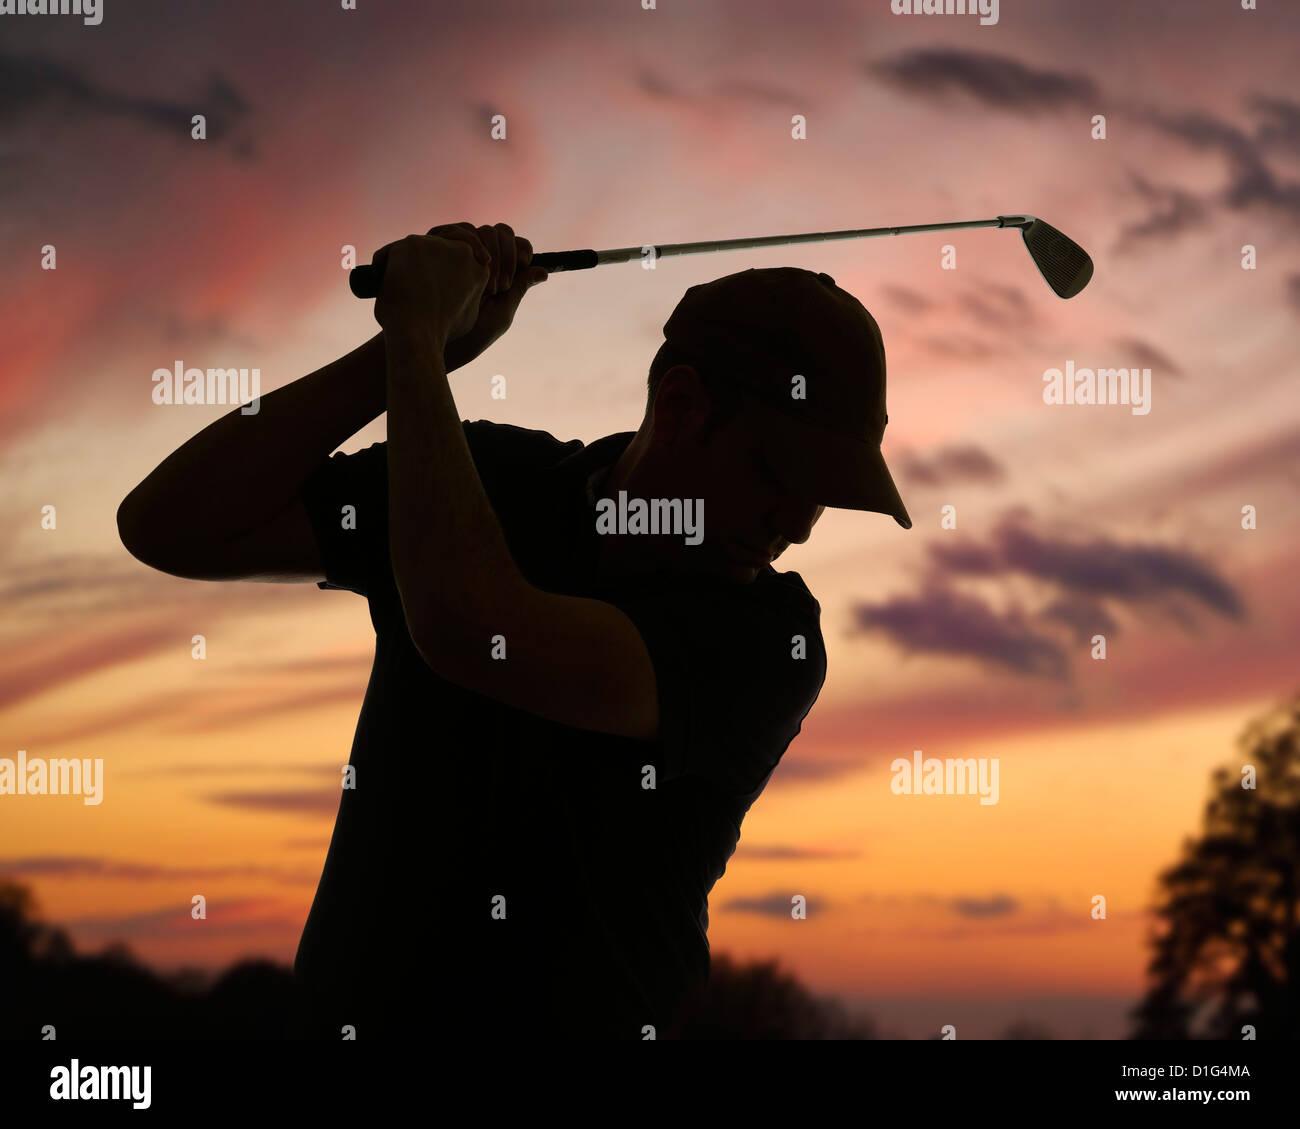 Balancer un Club de Golf golfeur Silhouetté contre un ciel au crépuscule. Close Up. Photo Stock